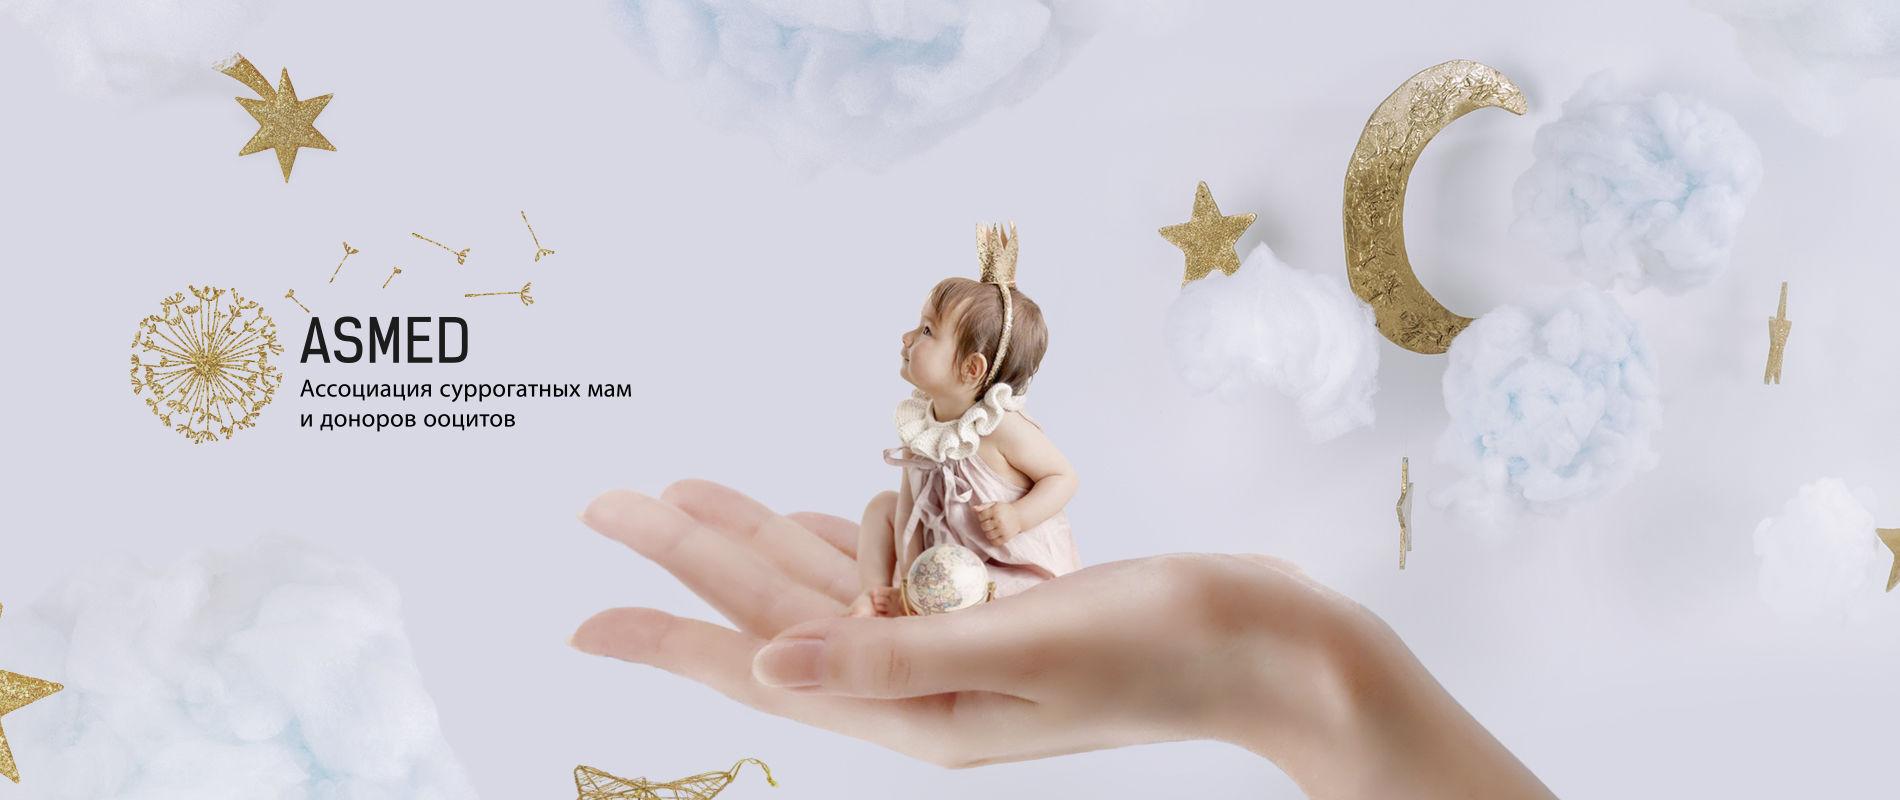 ©Фото предоставлено Ассоциацией суррогатных мам и доноров ооцитов